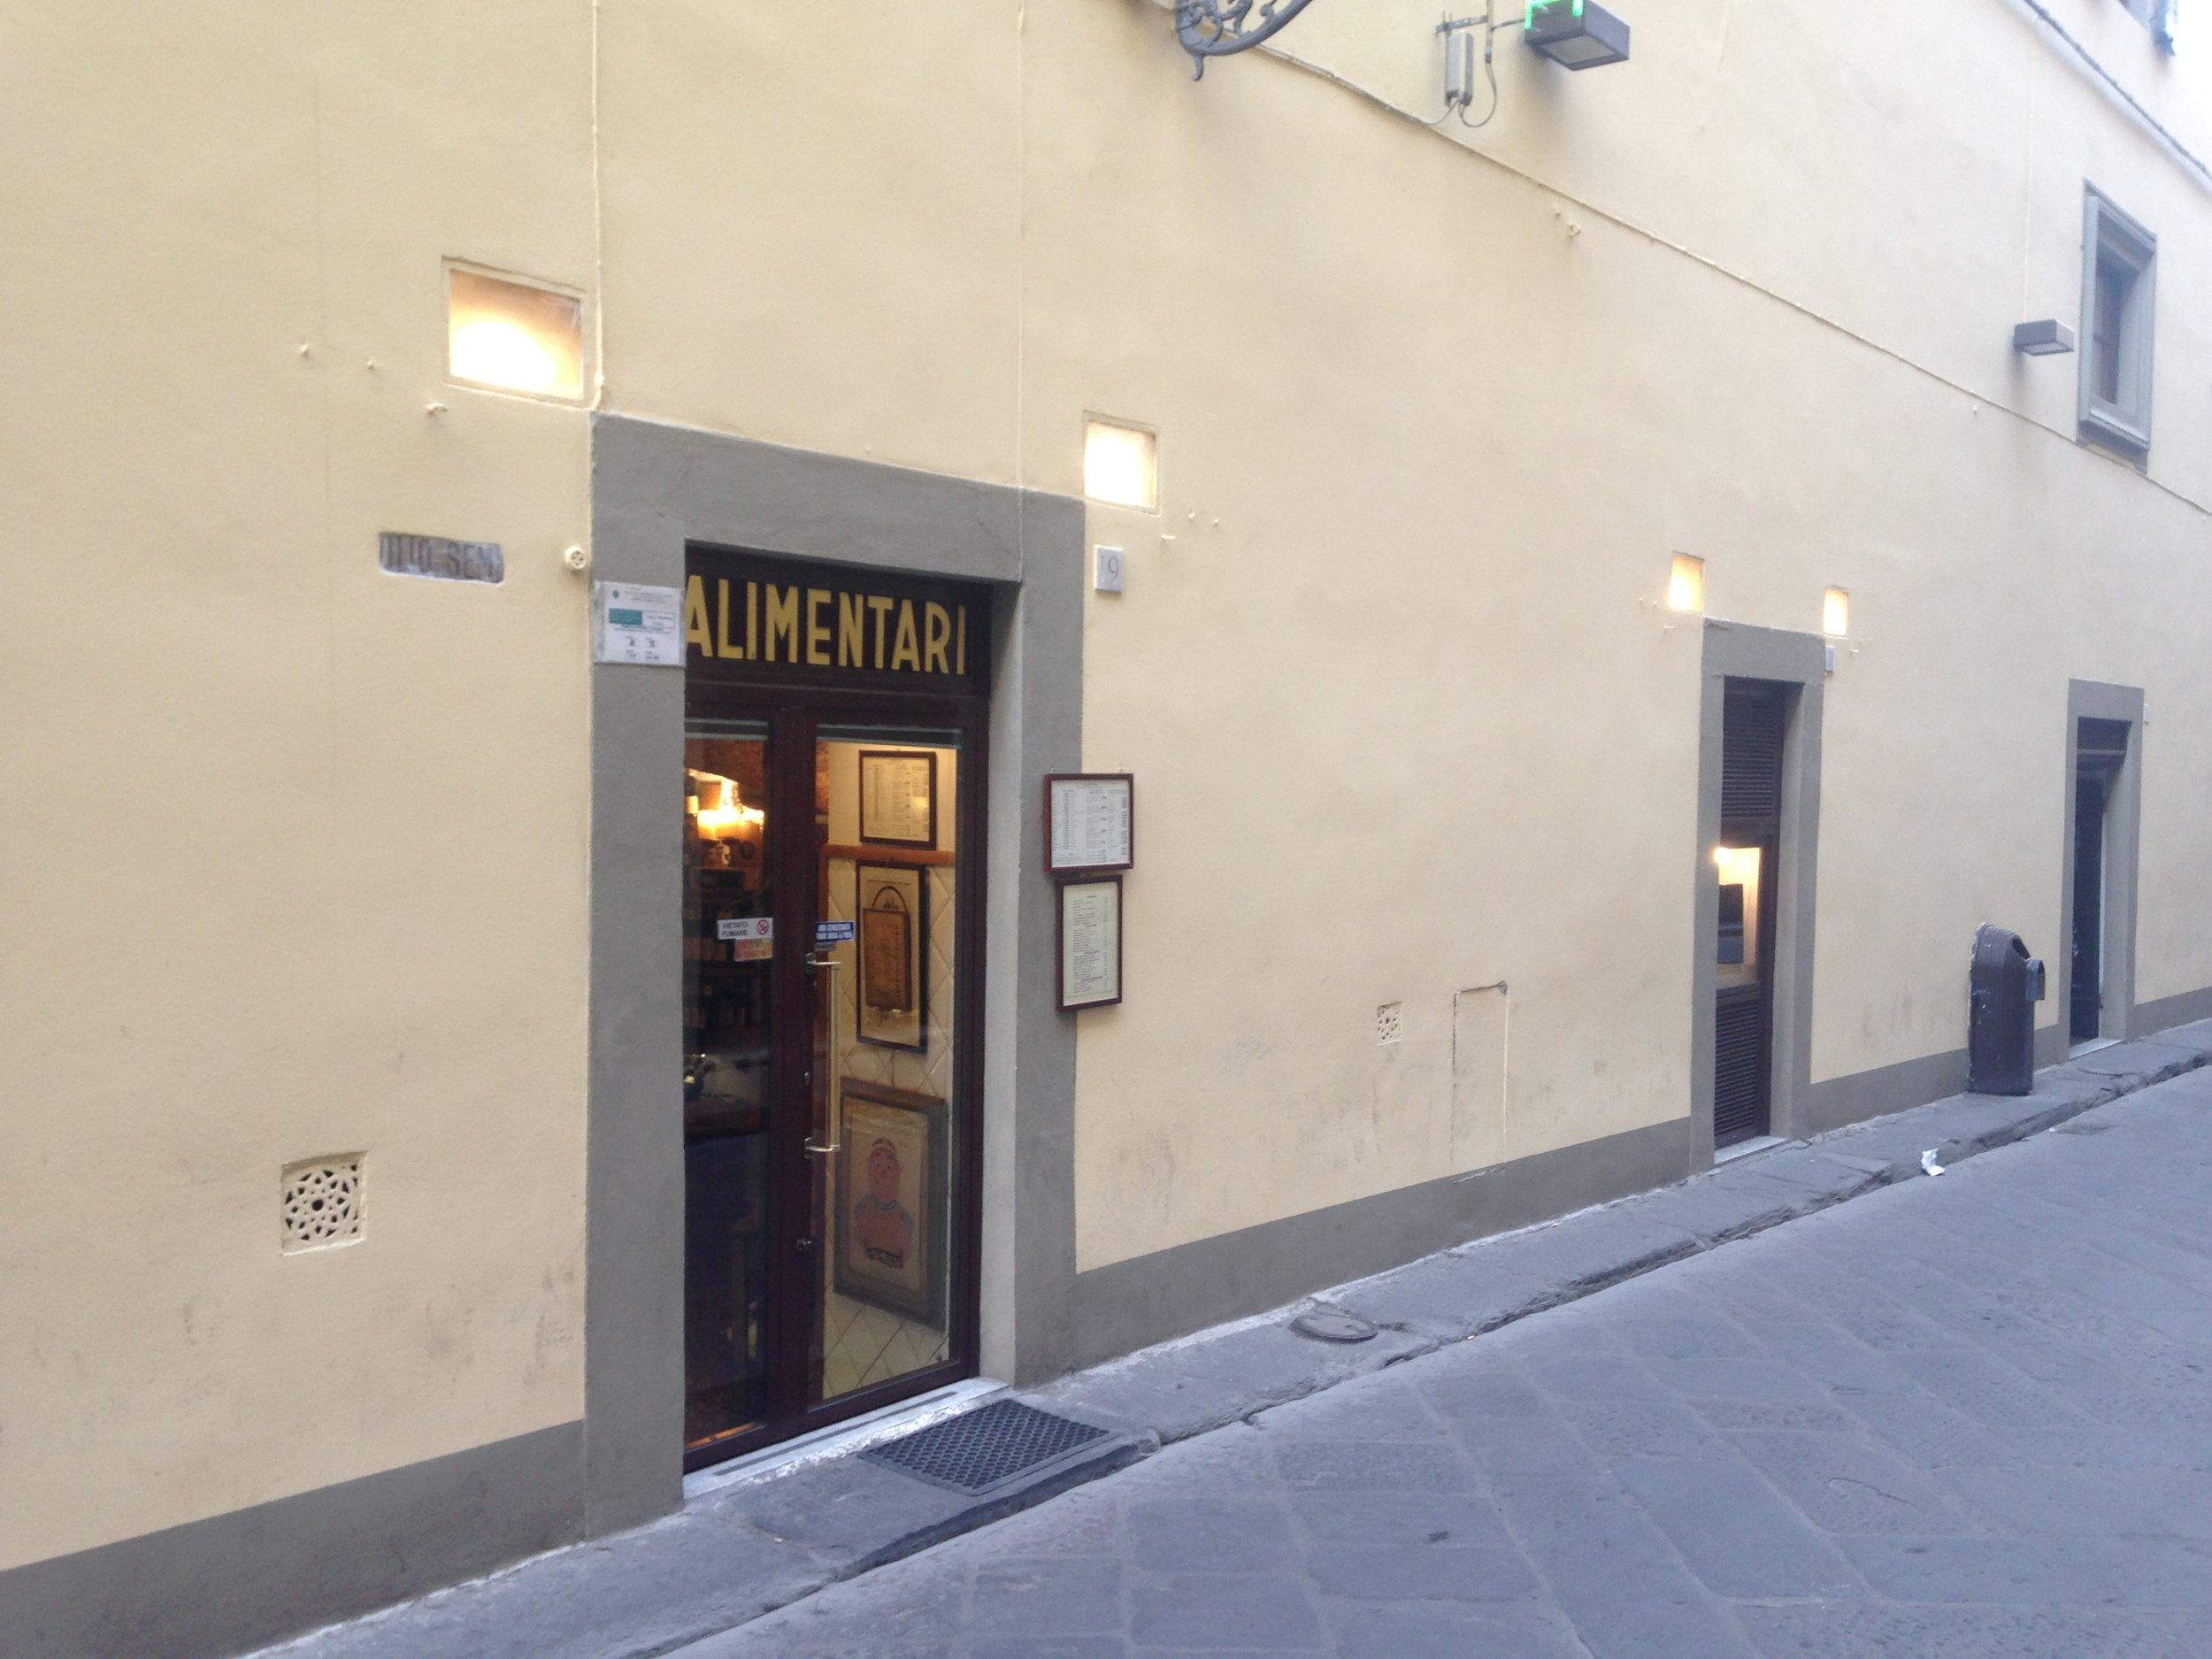 Alimentari Mariano Firenze Alimentari Mariano, Via del Parione, 19R, 50123 Firenze